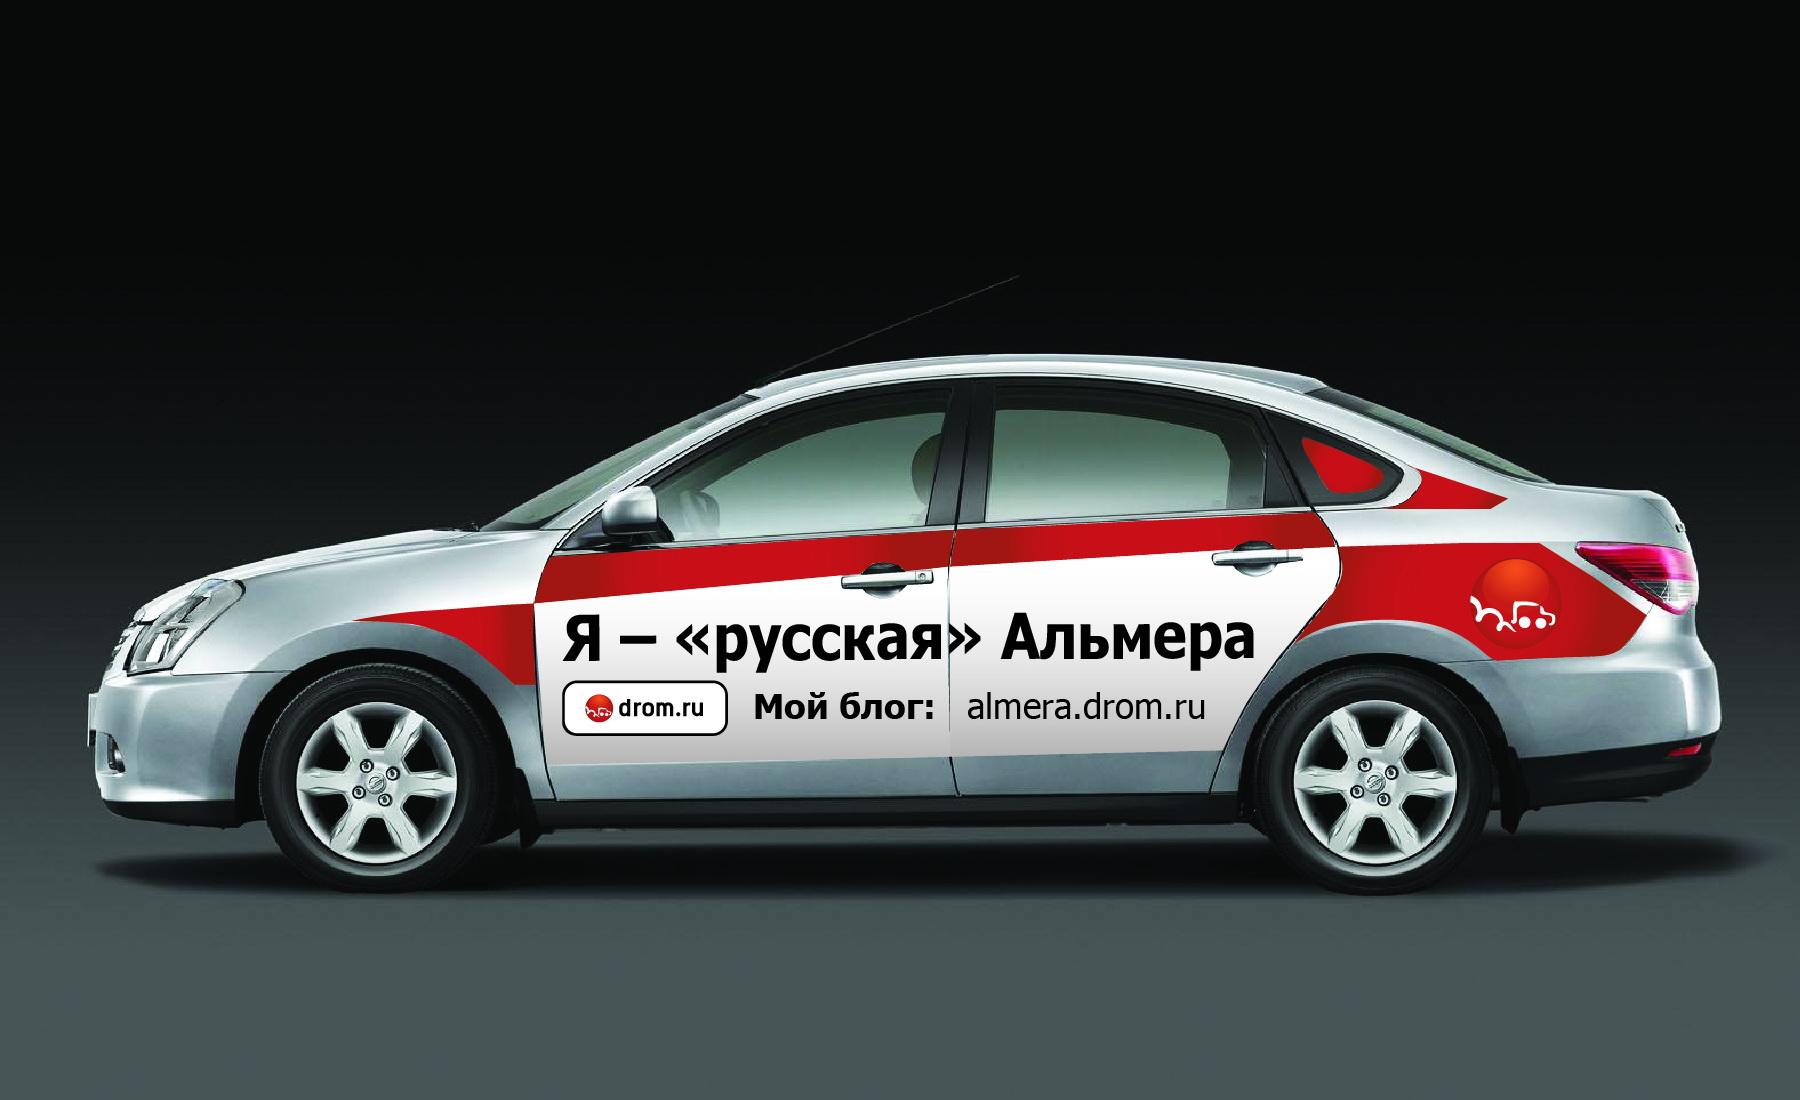 Один из макетов дромовской раскраски тестового автомобиля